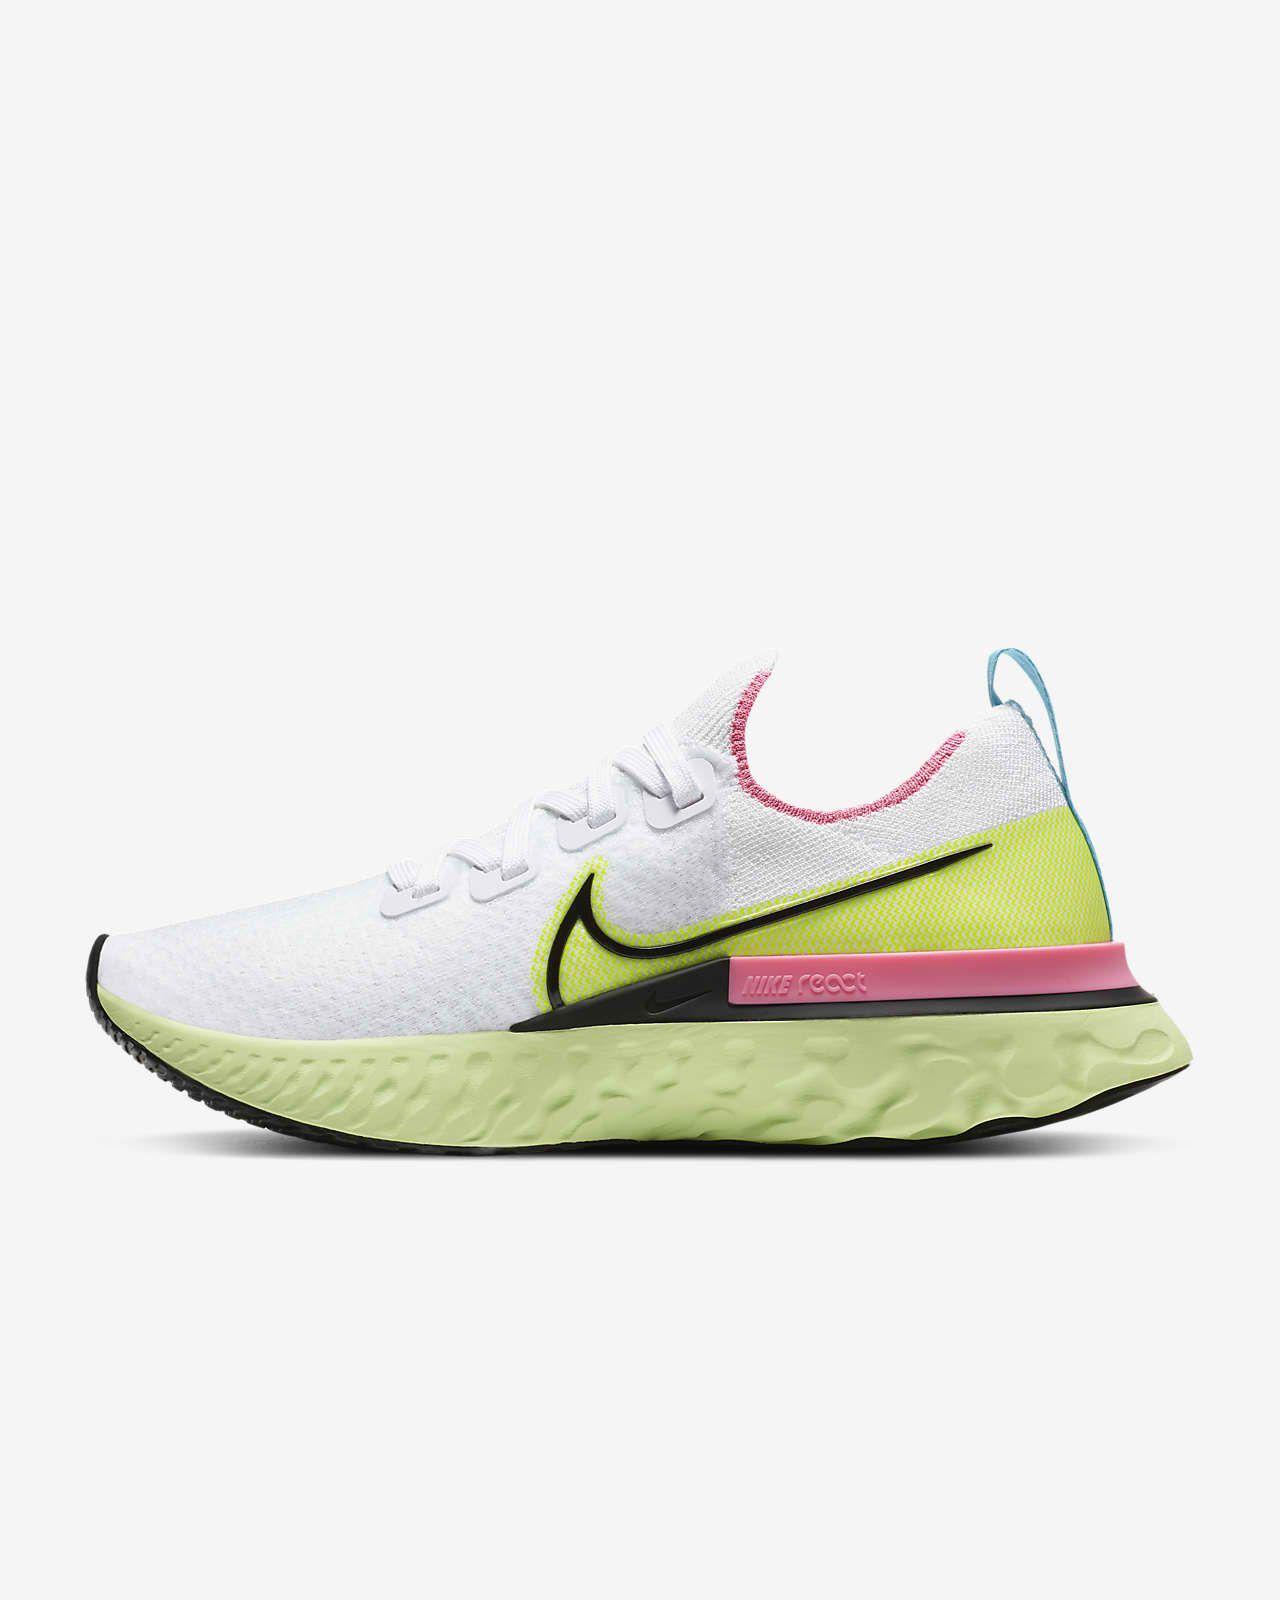 Nike Women's React Infinity Run Flyknit Running Shoes